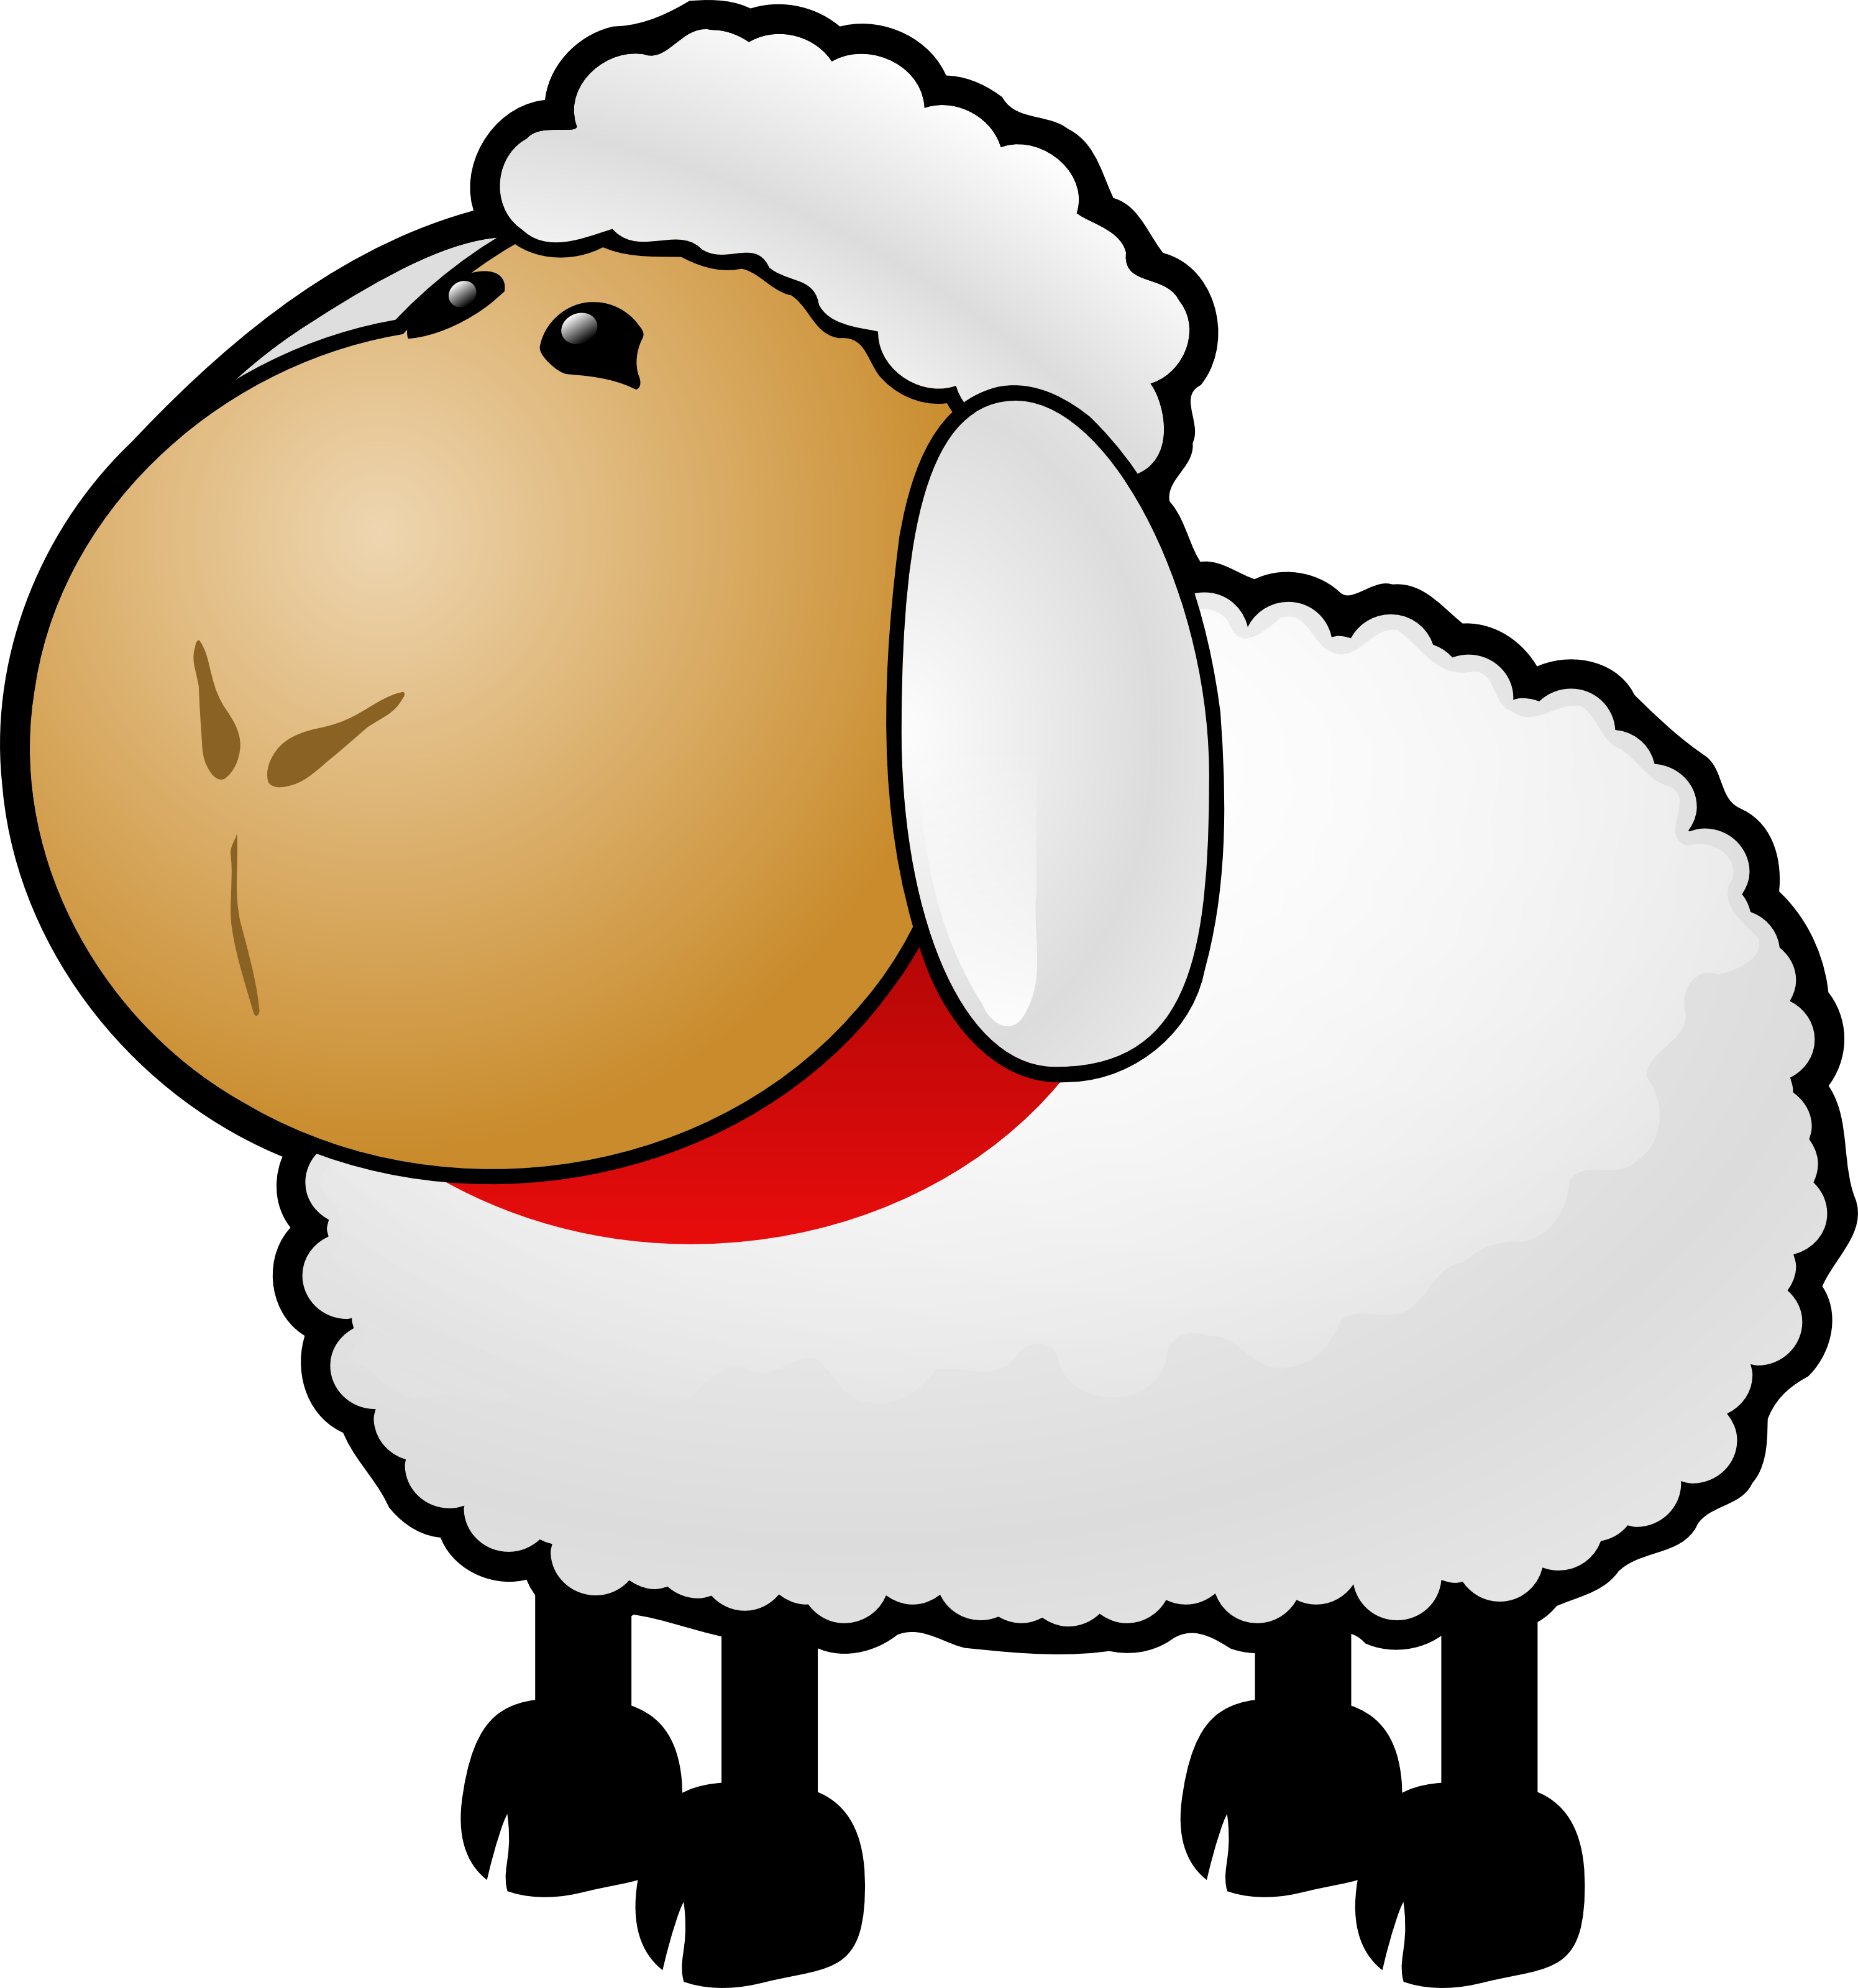 Cute animal clipart sheep.